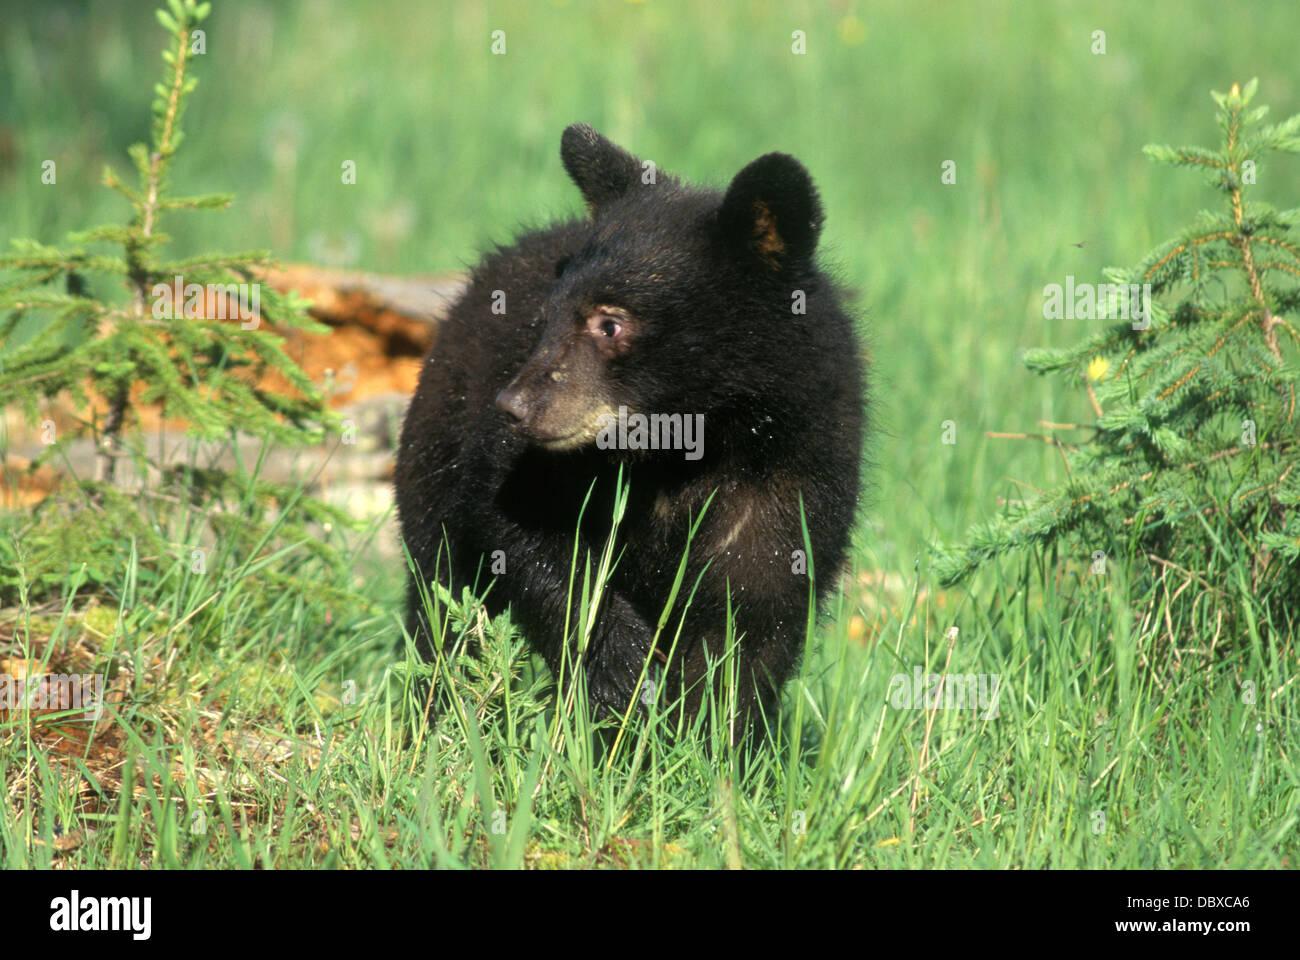 Black Bear Cub in prato ursus americanus Foto Stock